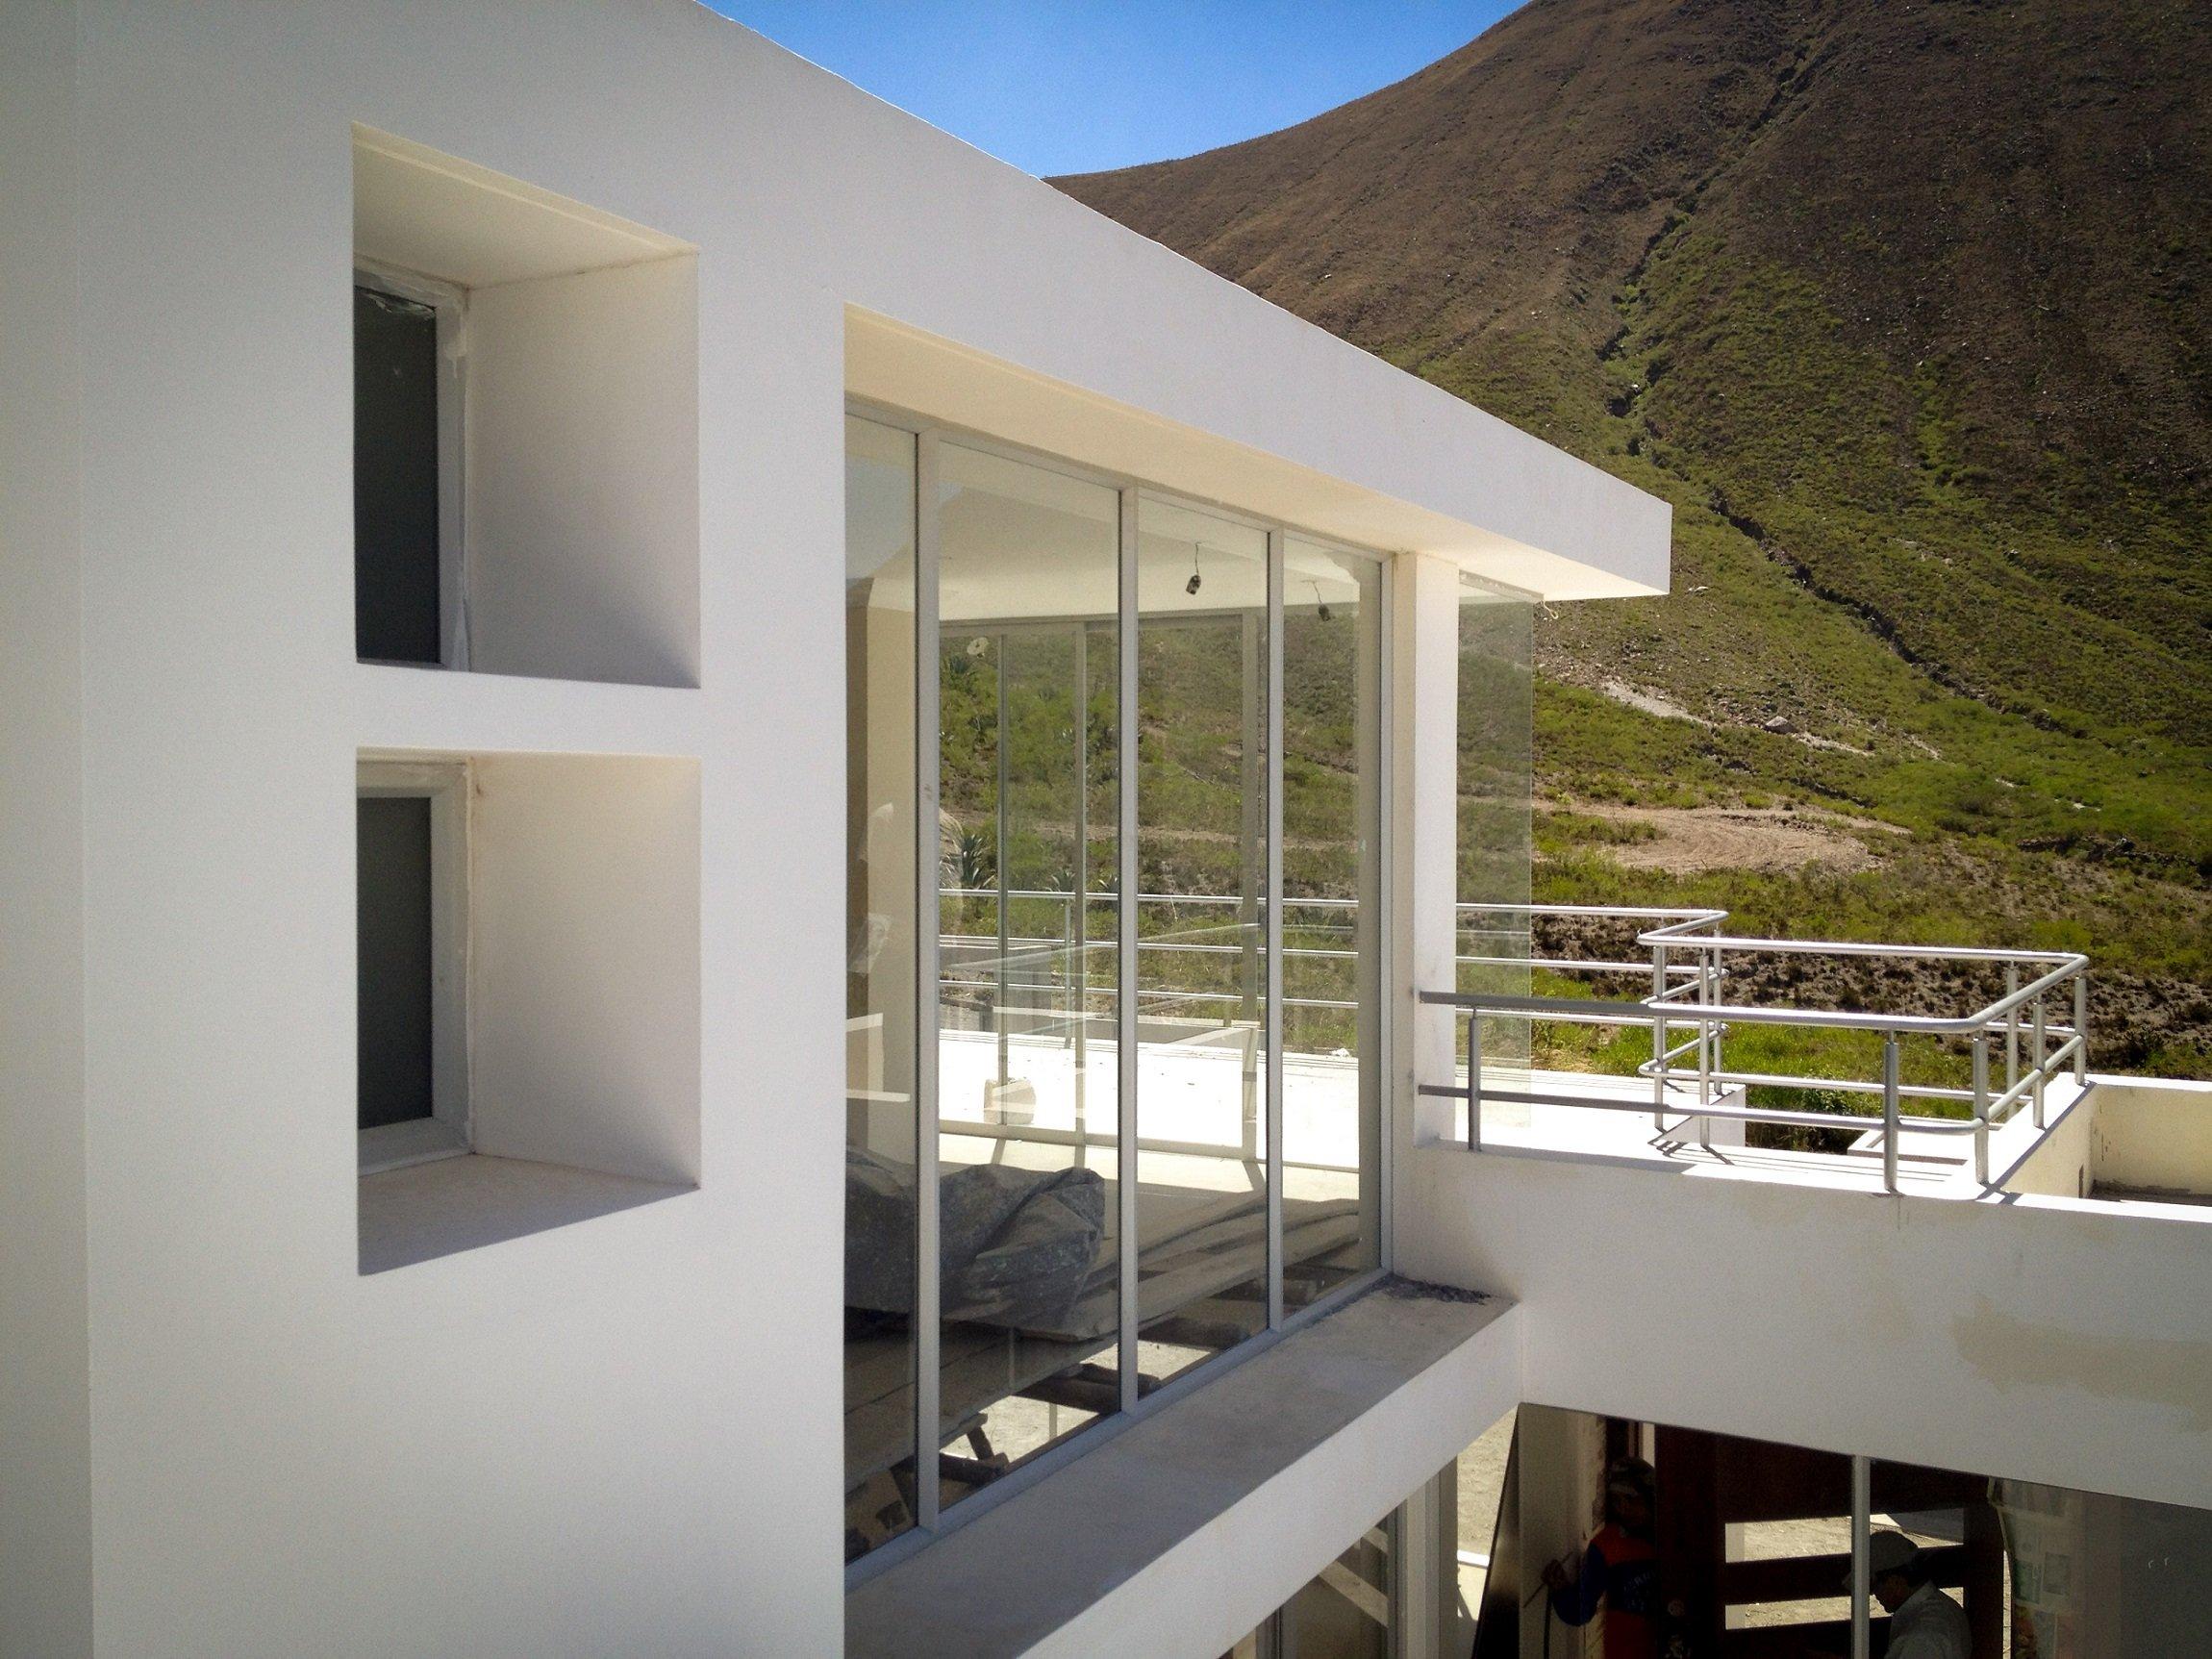 Casa-CA-Pomasqui-A3-Arquitectos-Quito-Ecuador-2